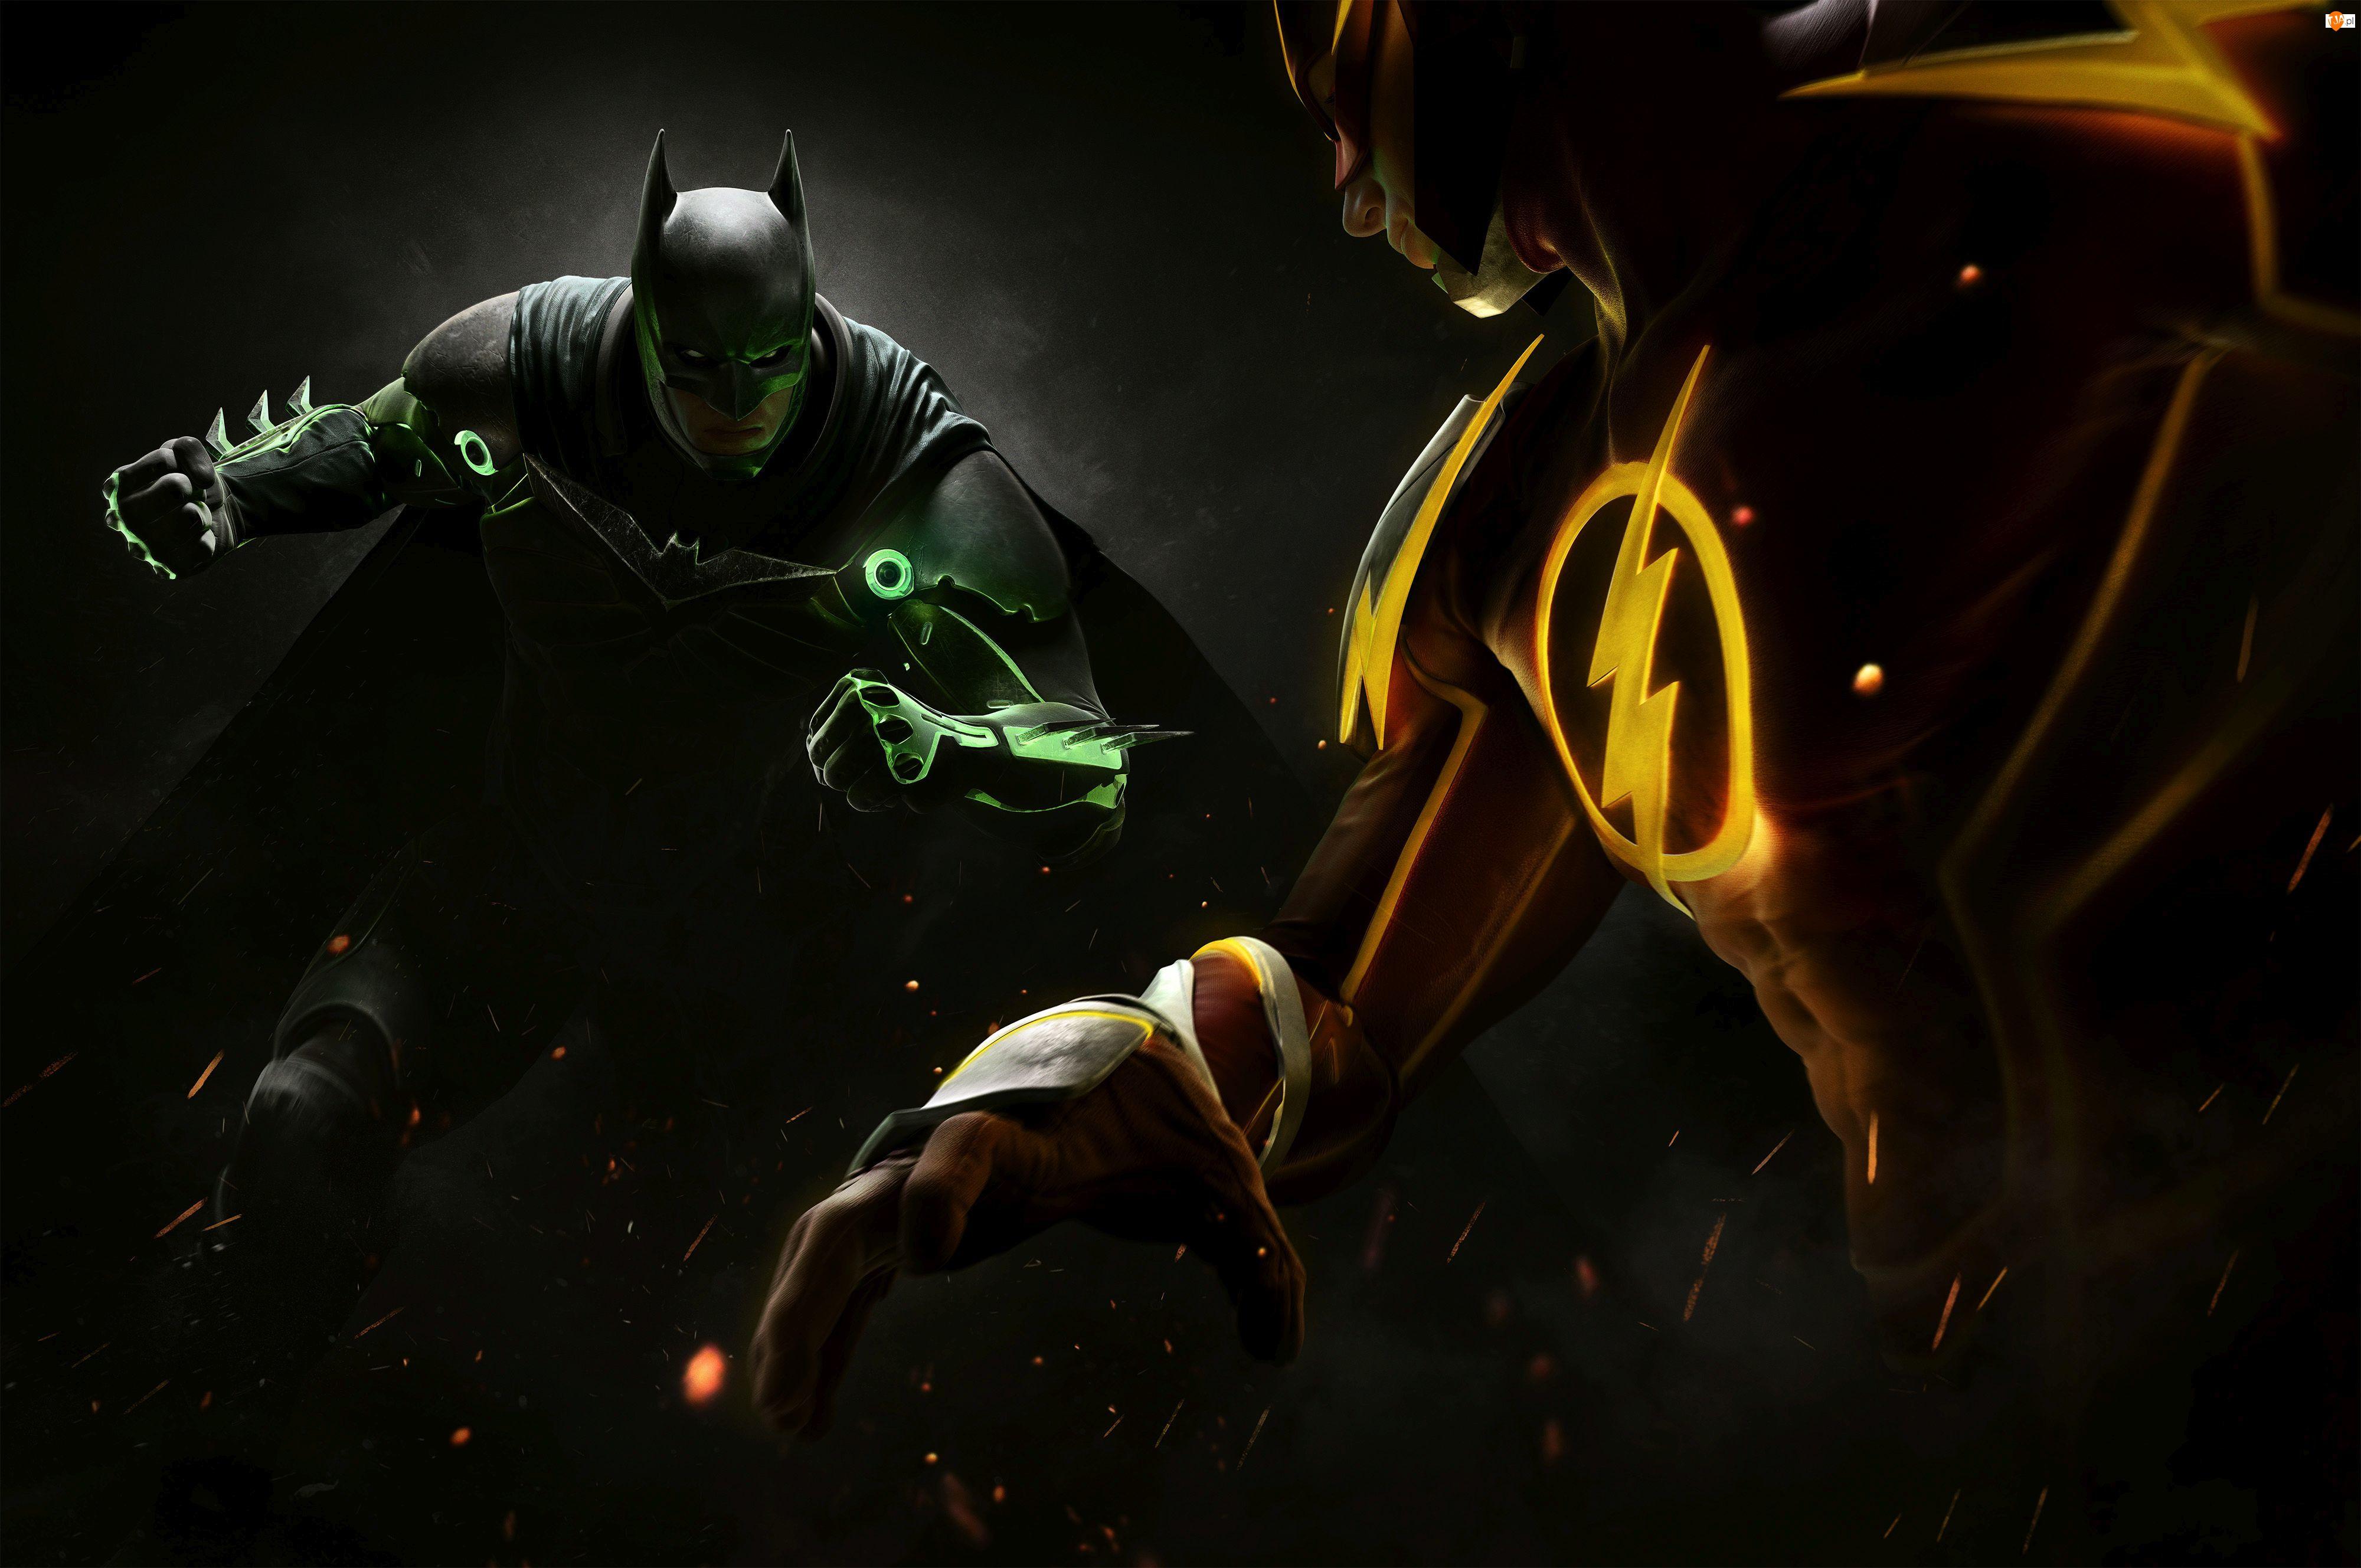 Batman, Gra, Injustice 2